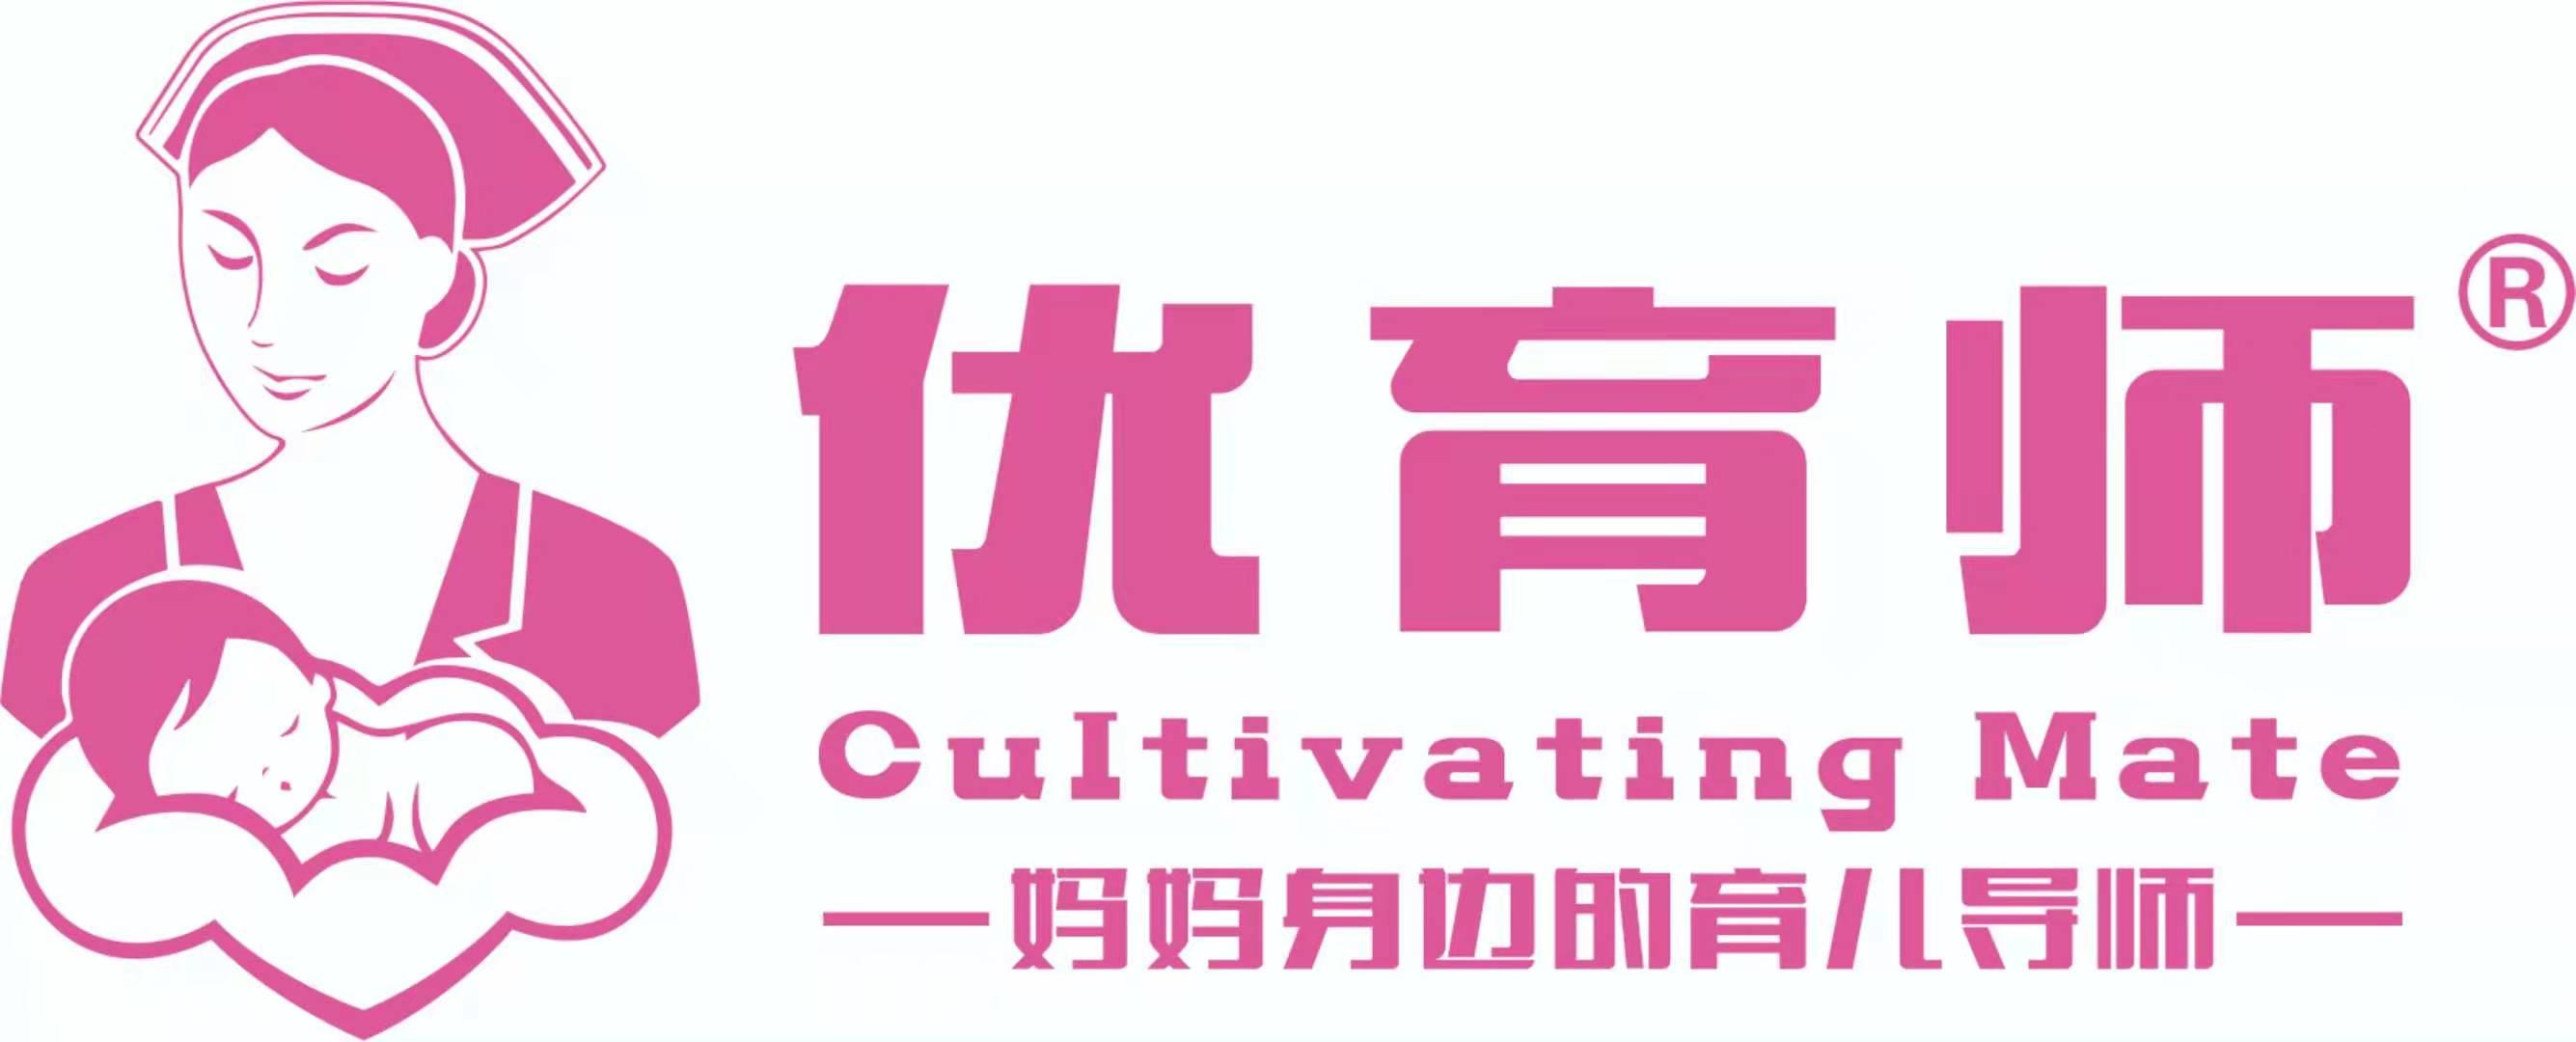 中山优育师科技有限公司